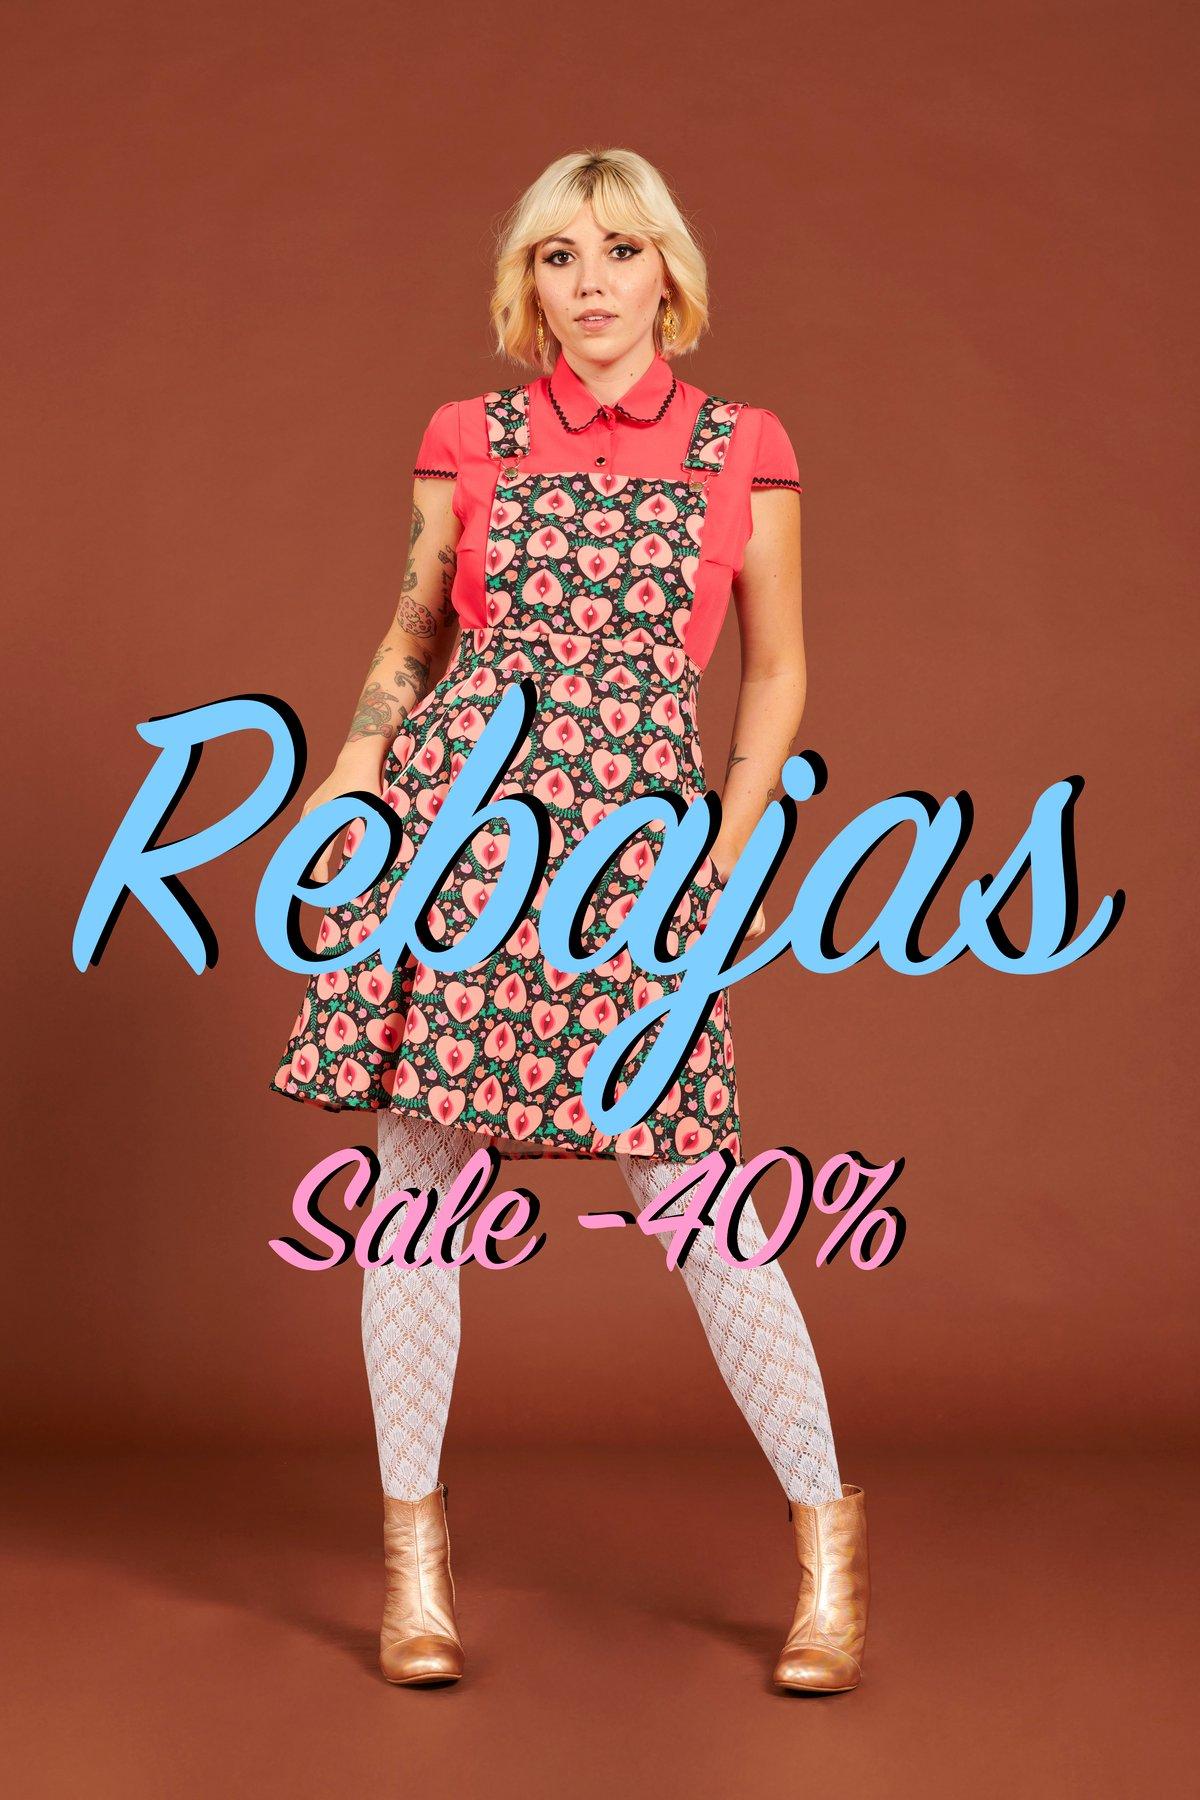 Image of REBAJAS-SALES -40% Peto Eden